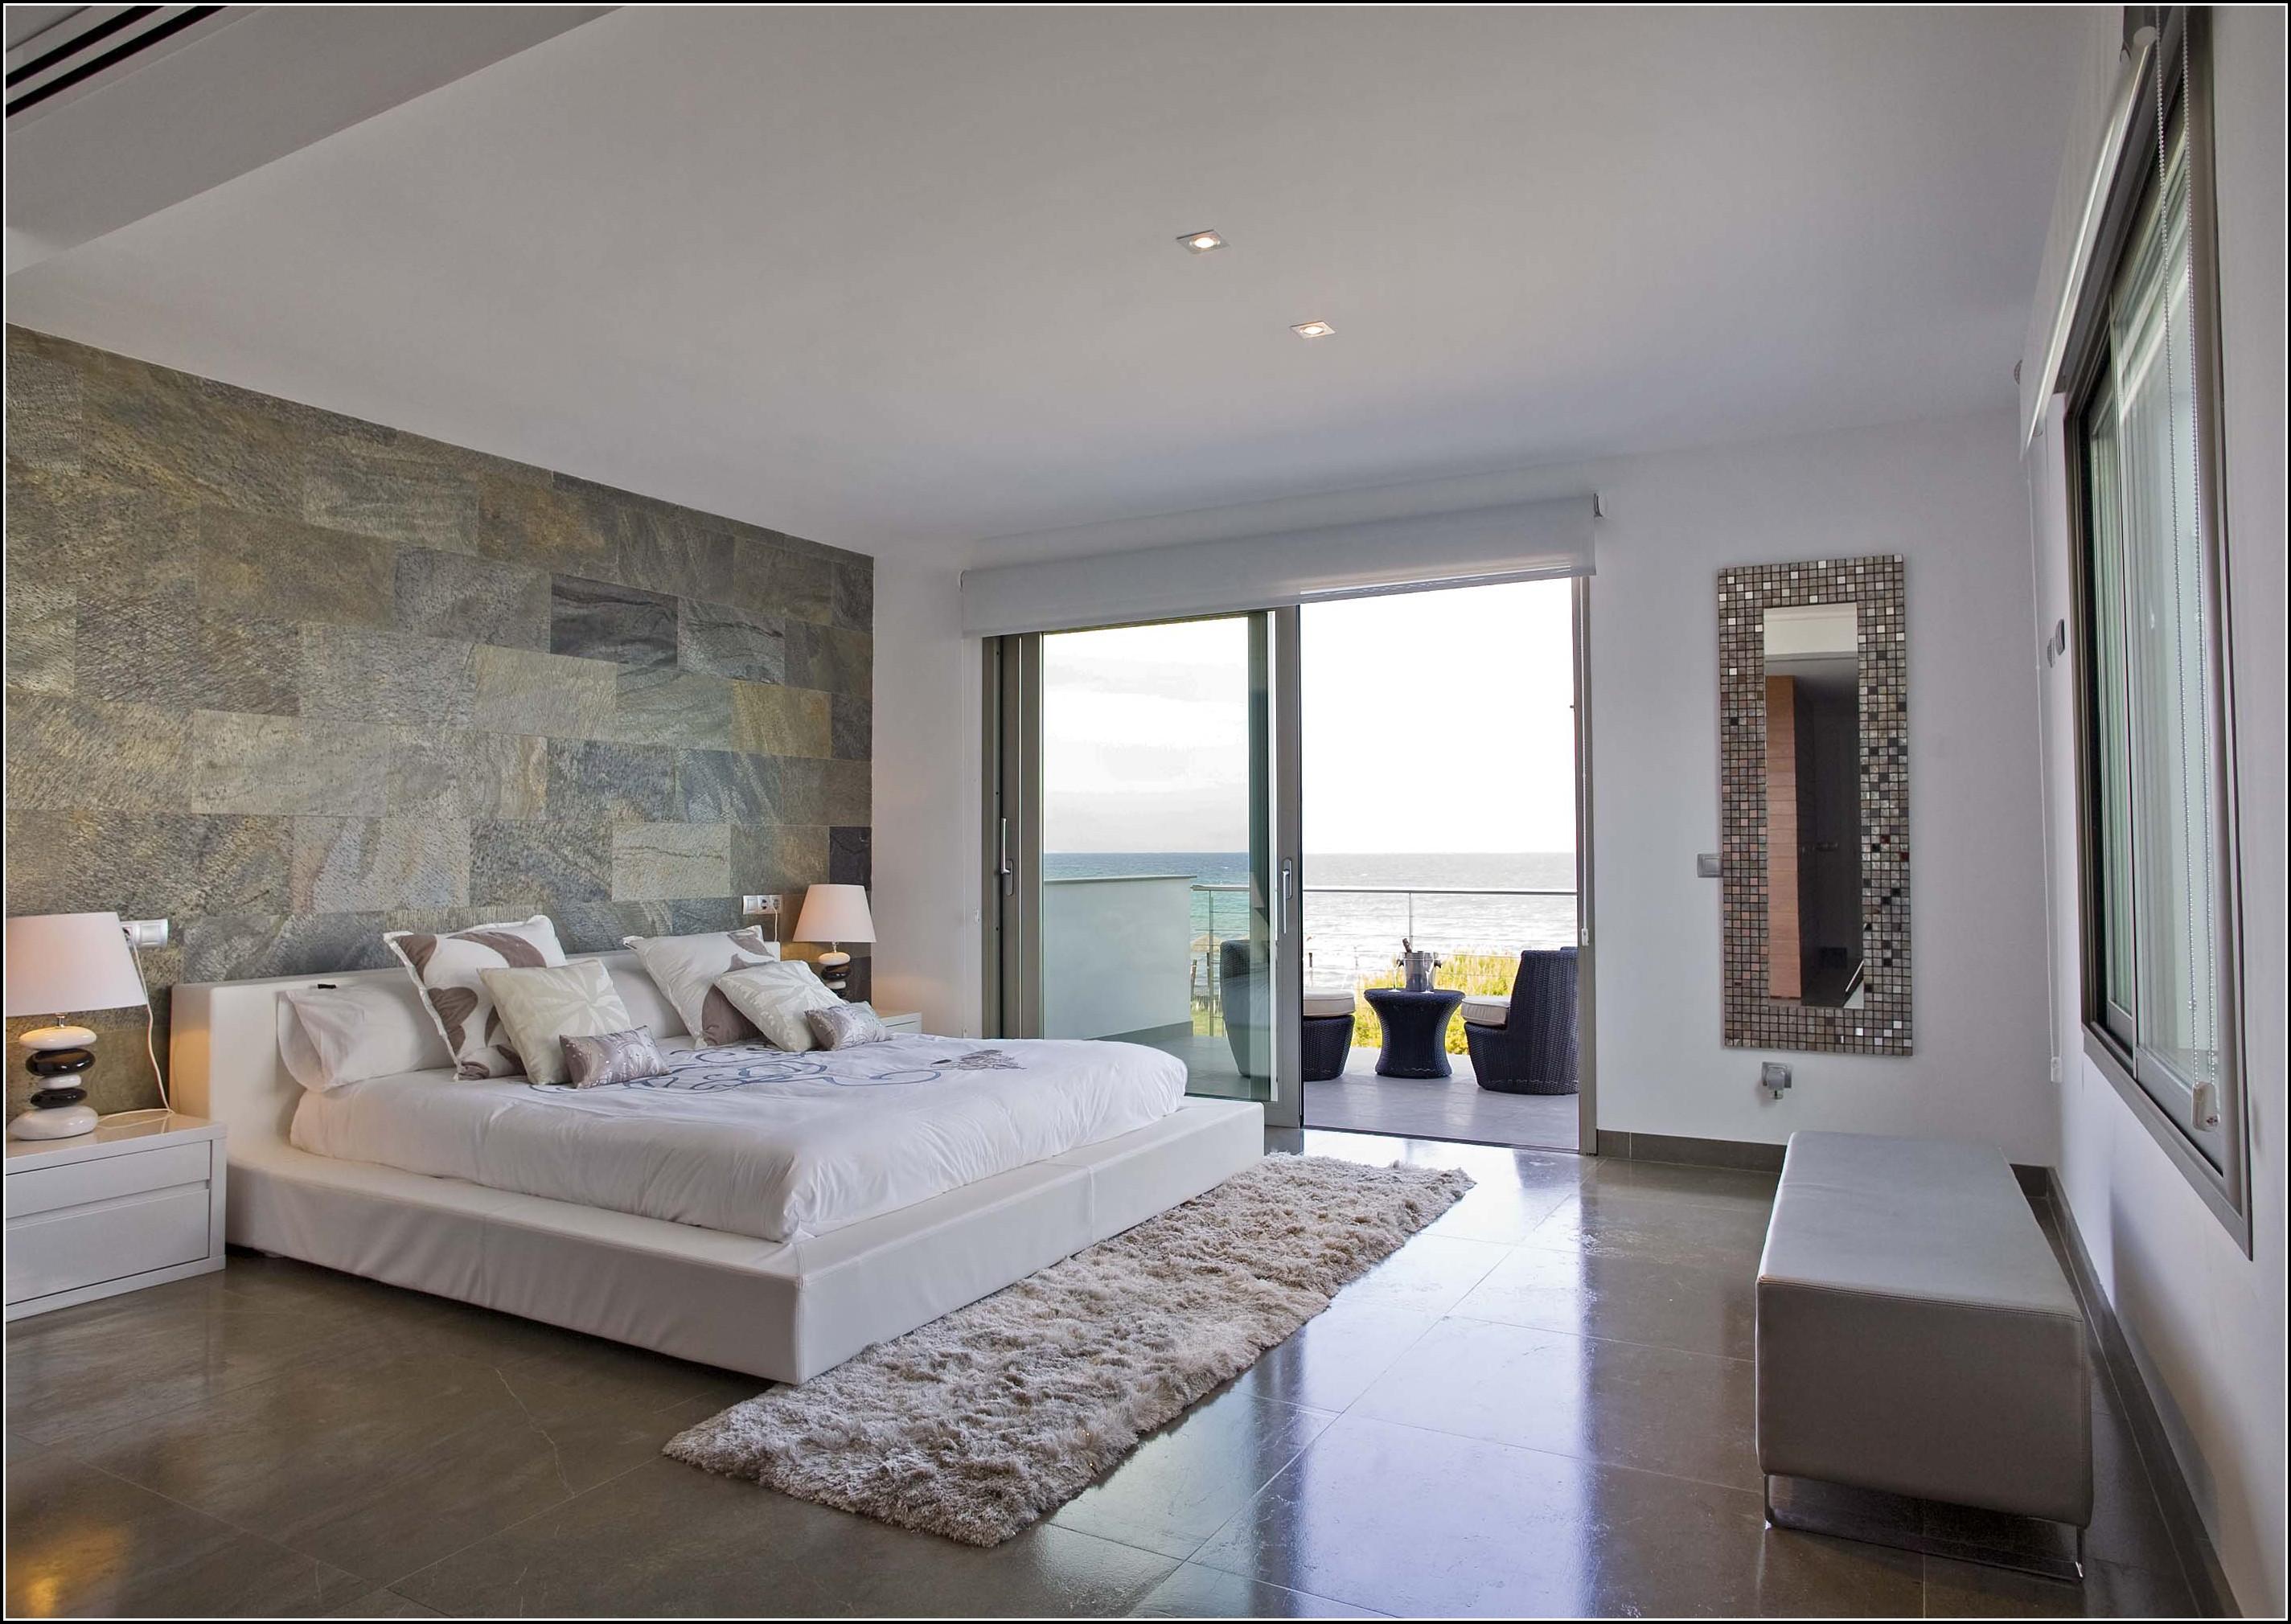 schlafzimmer auf rechnung trotz schufa schlafzimmer. Black Bedroom Furniture Sets. Home Design Ideas